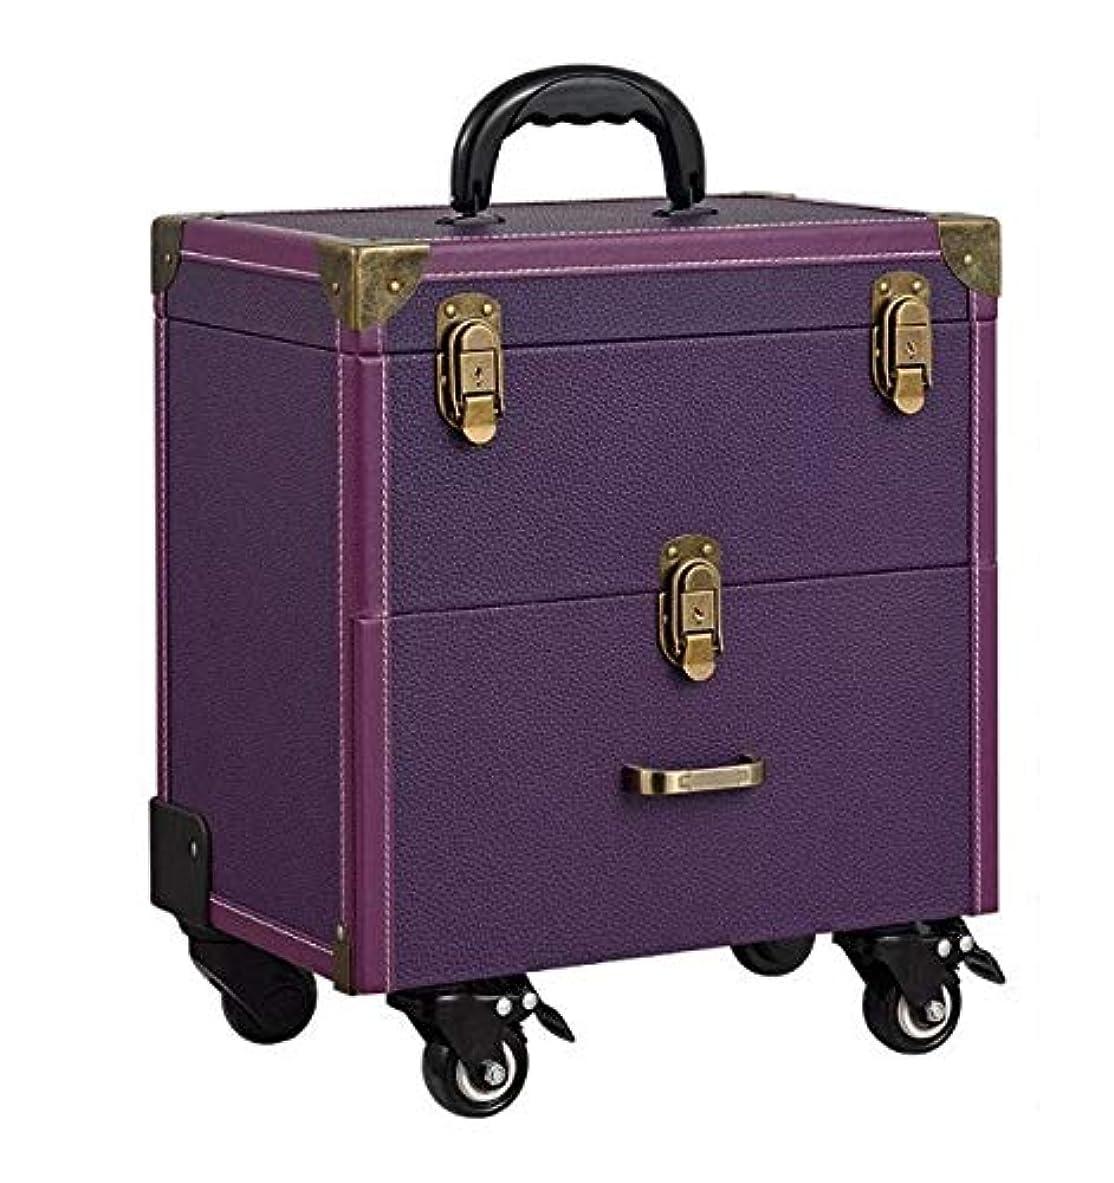 匿名太鼓腹カプセル化粧箱、大容量二層トロリー化粧品ケース、ポータブル旅行化粧品バッグ収納袋、美容化粧ネイルジュエリー収納ボックス (Color : Purple)